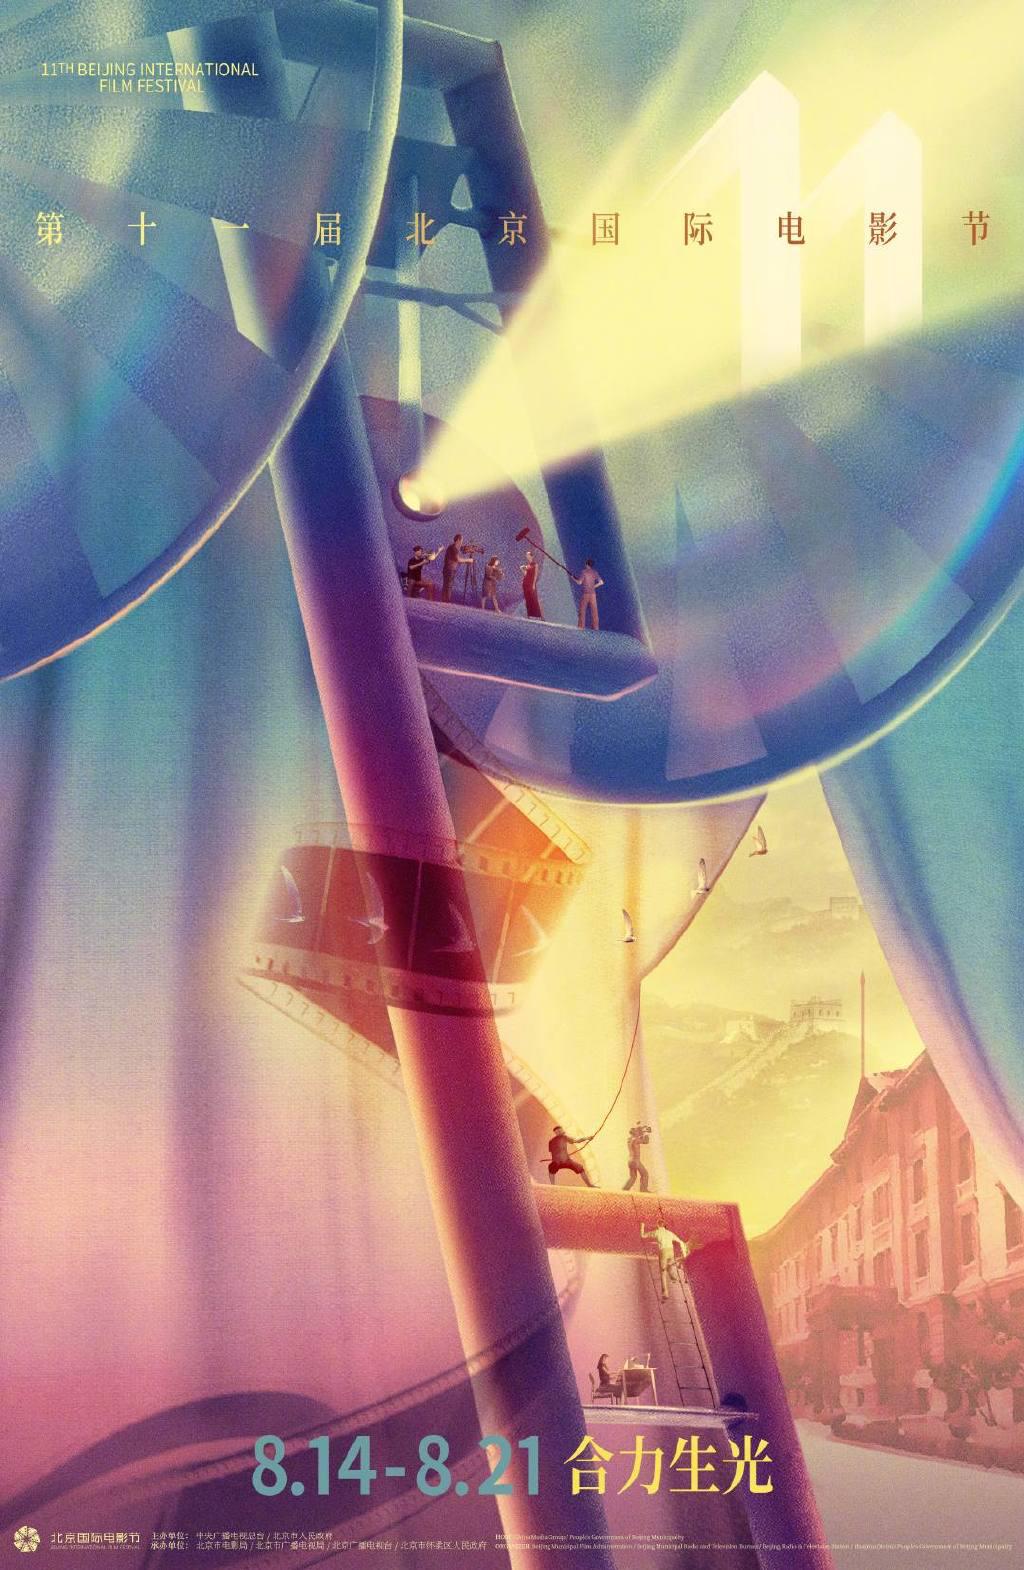 影人合力生光!第11届北京电影节公布主视觉海报